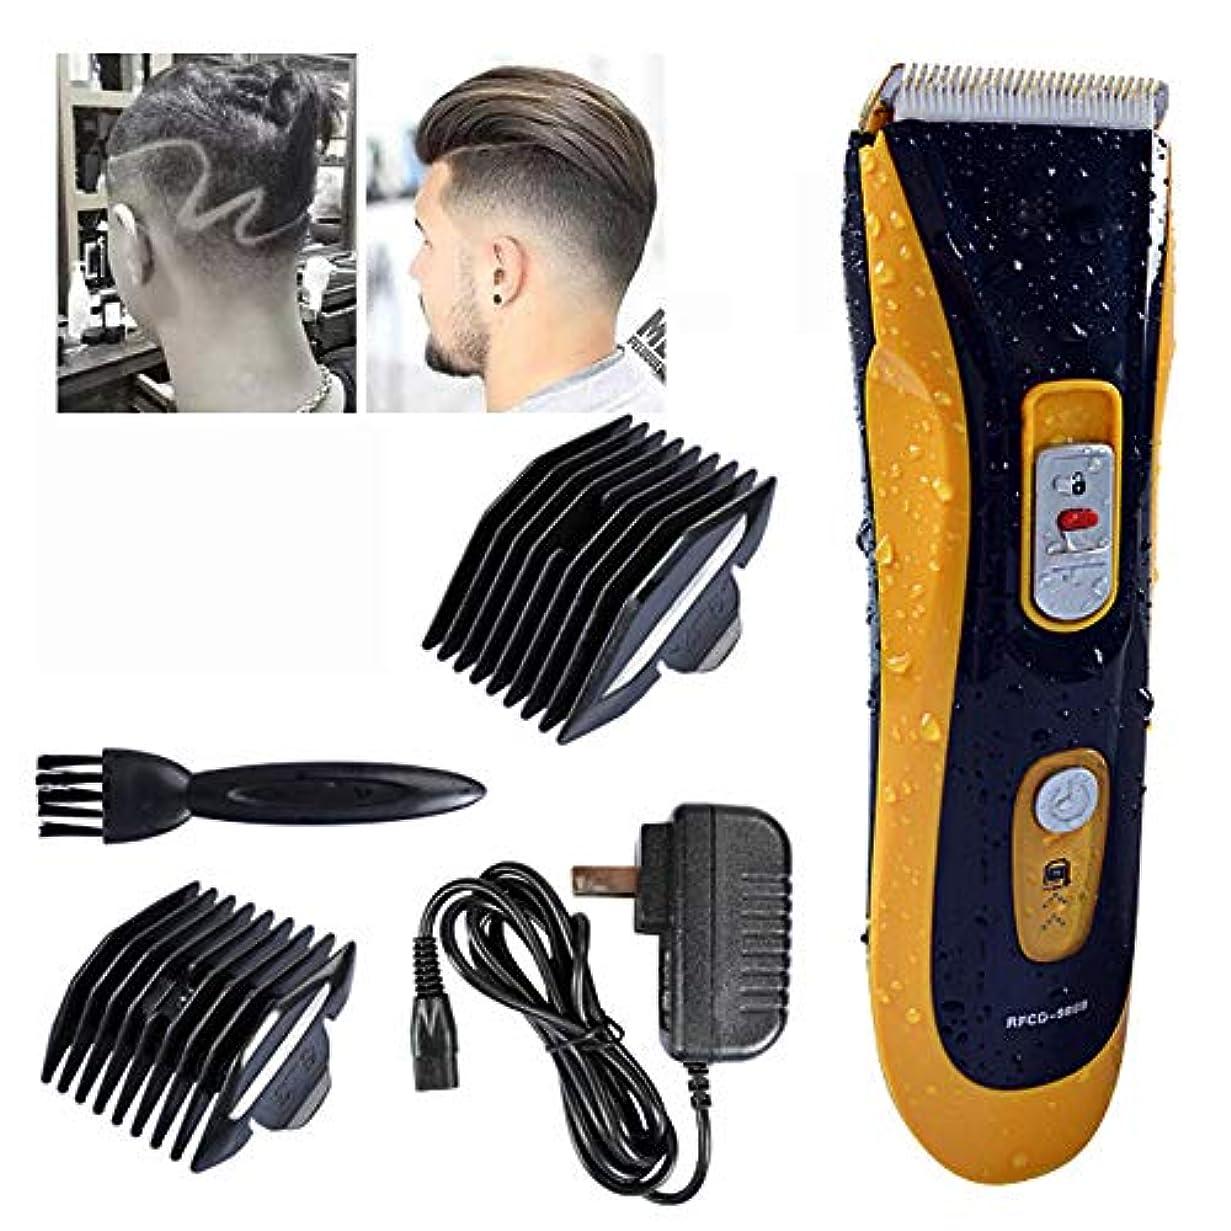 チェリー石灰岩韓国メンズバリカンミュート電動バリカン理髪プロフェッショナル電動バリカンユニバーサル電動フェーダー洗える